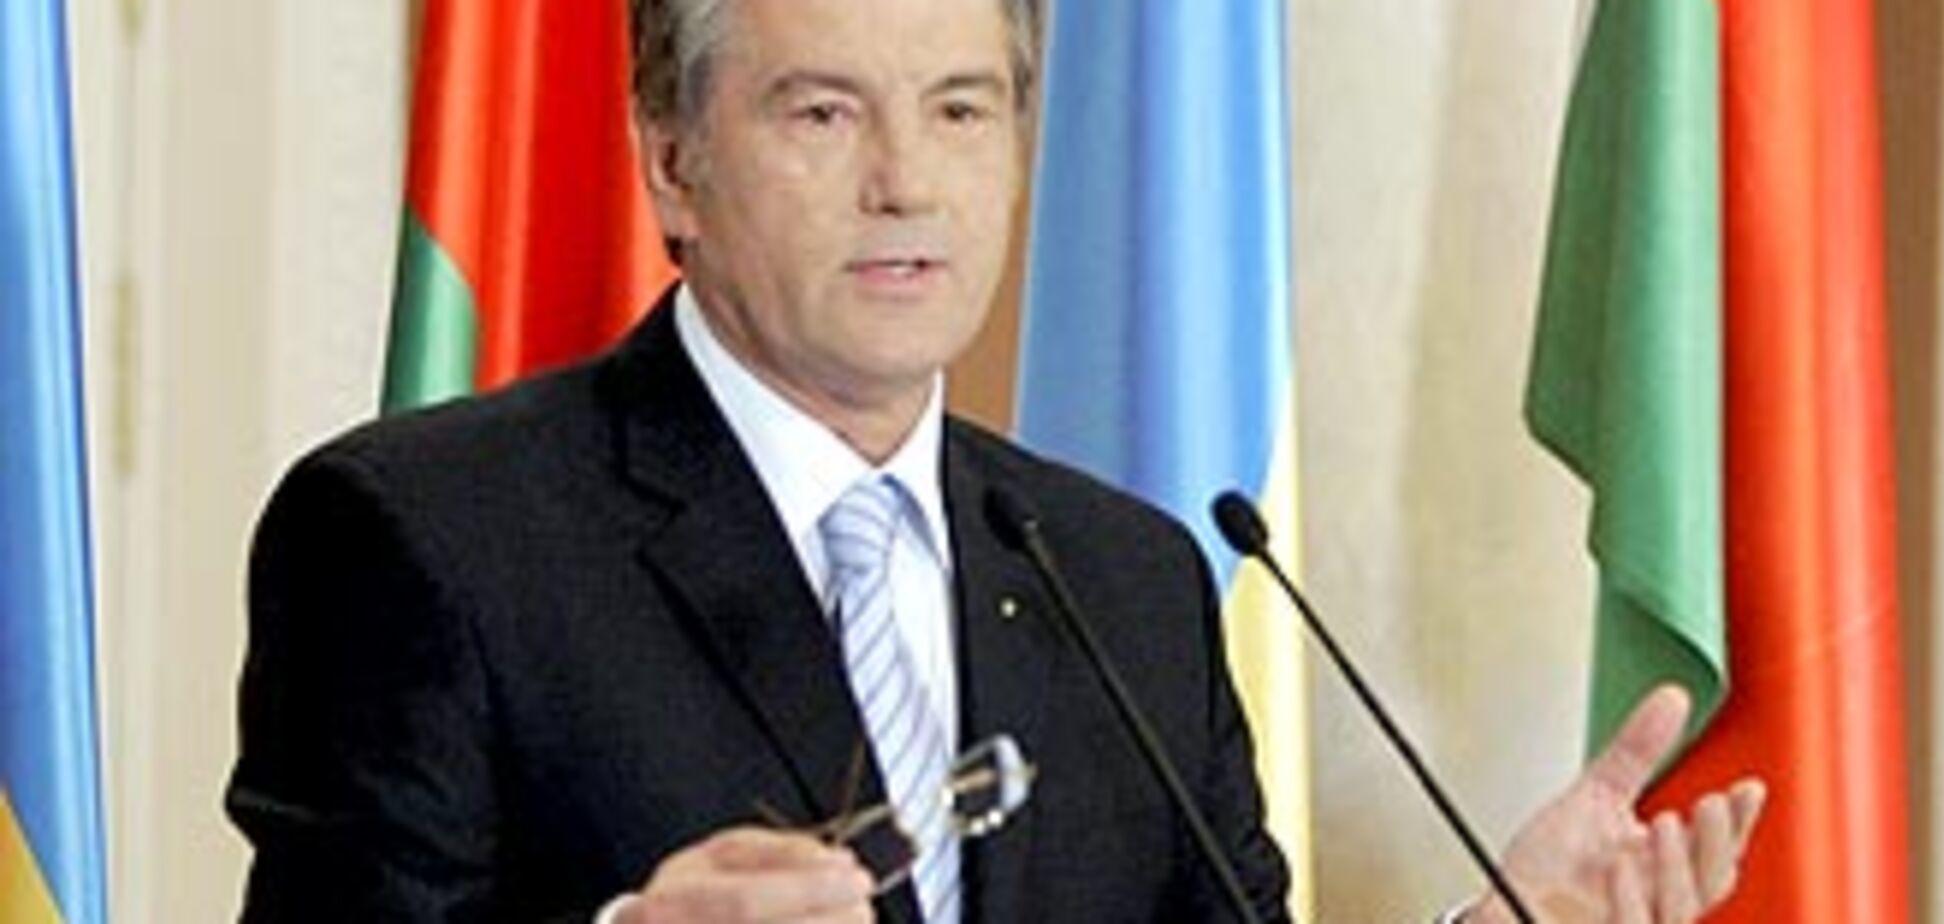 Врачи разрешили Ющенко принимать участие в выборах